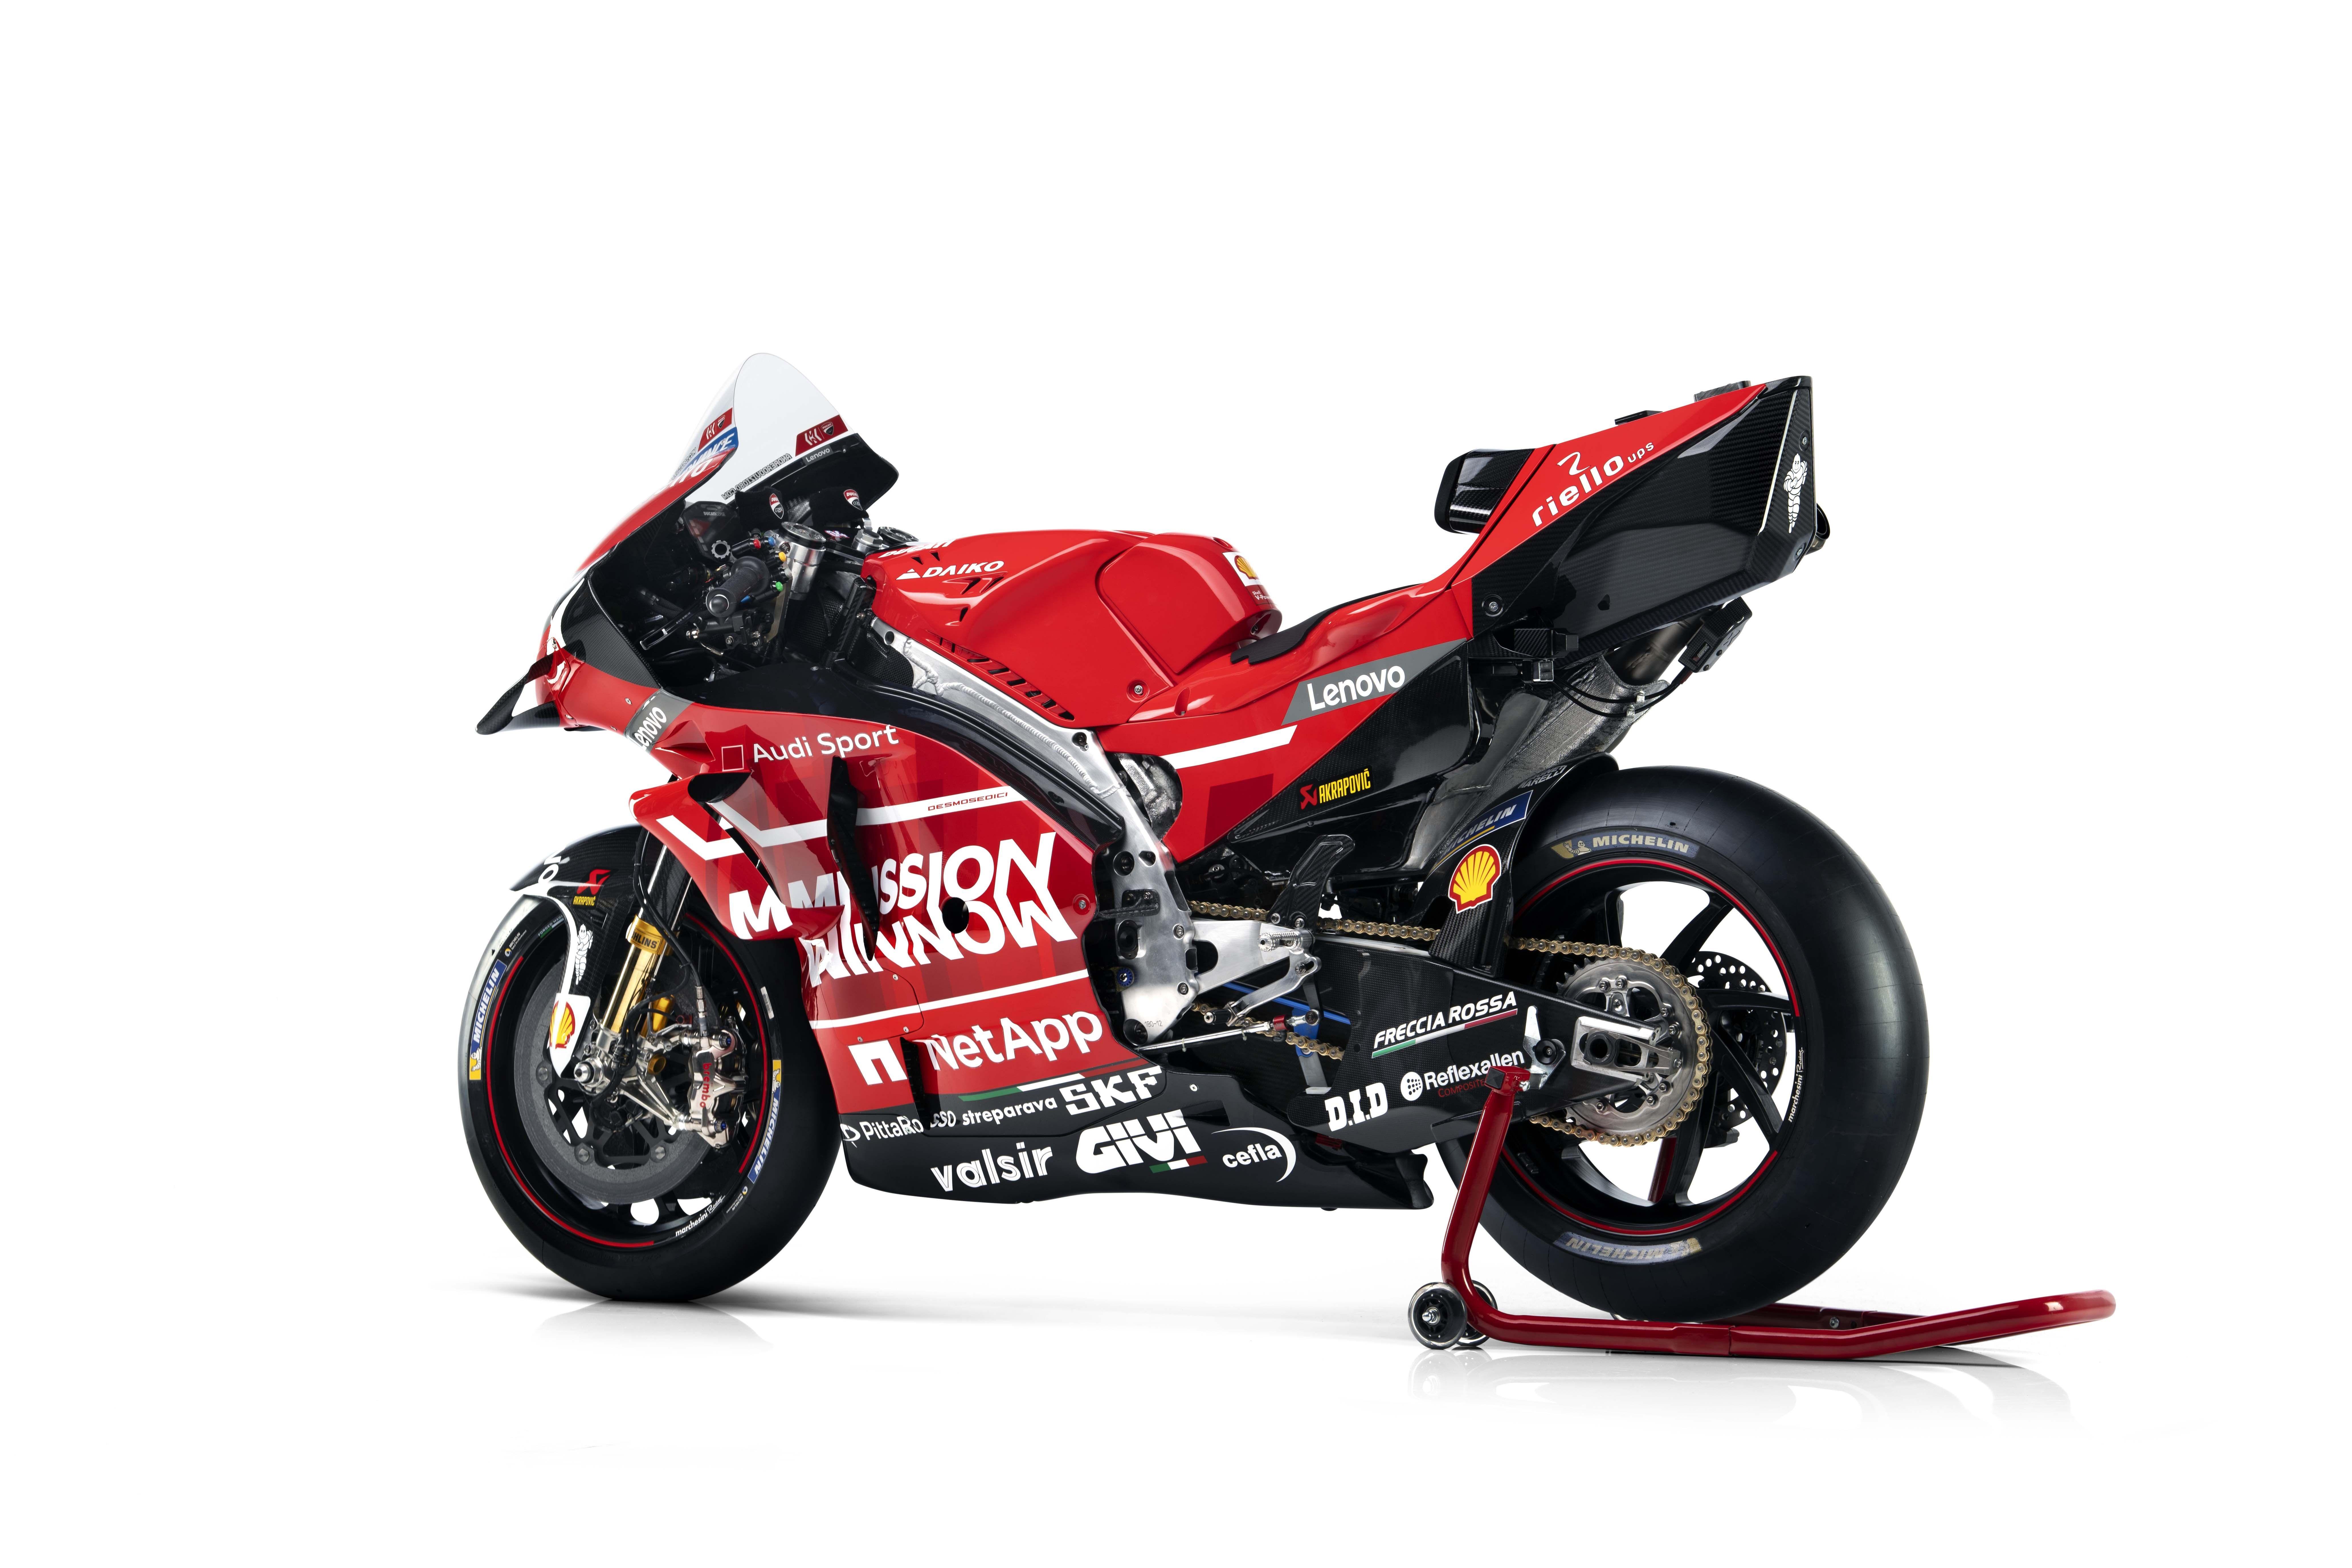 Ducati Desmosedici Gp19 Motogp Race Bike Debuts Motogp Racing